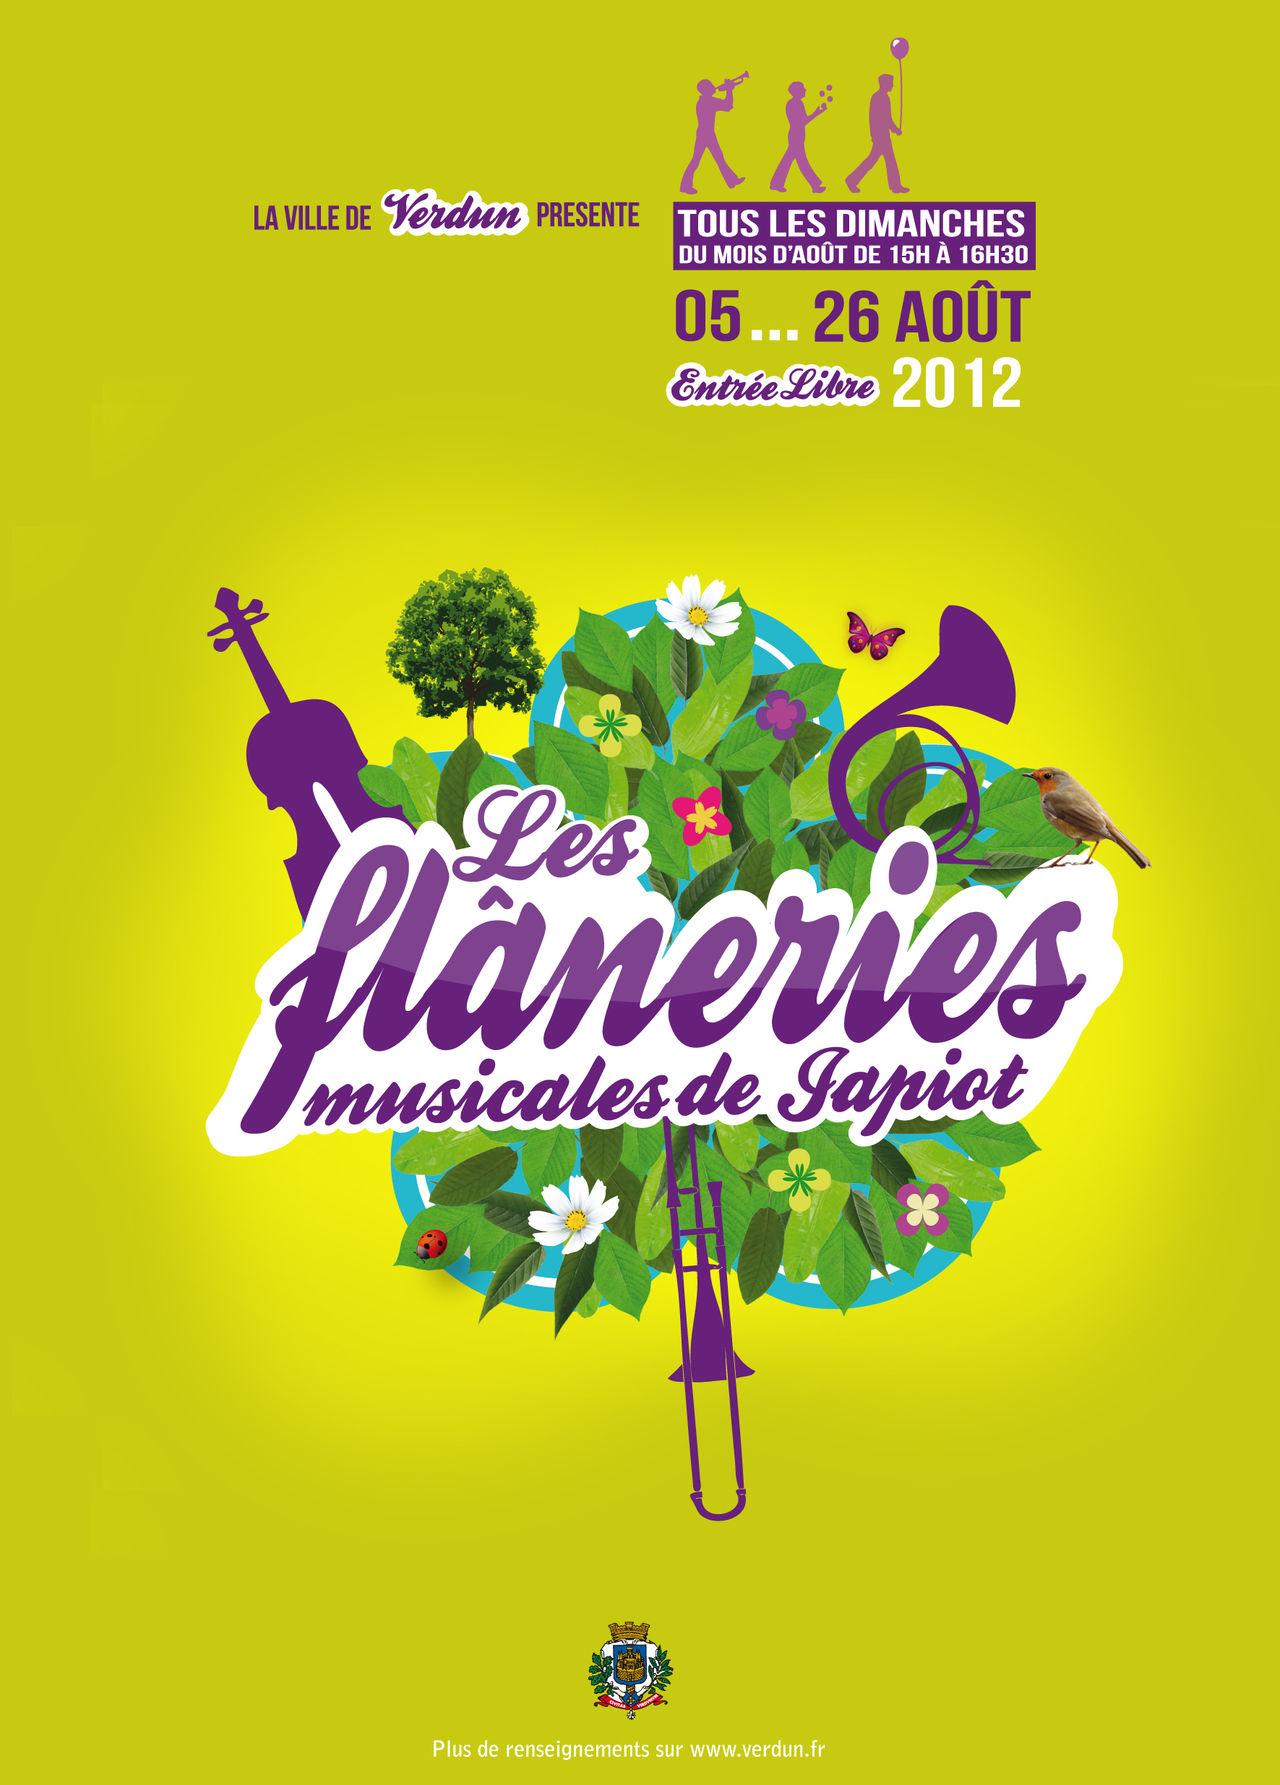 Flâneries Musicales de Japiot